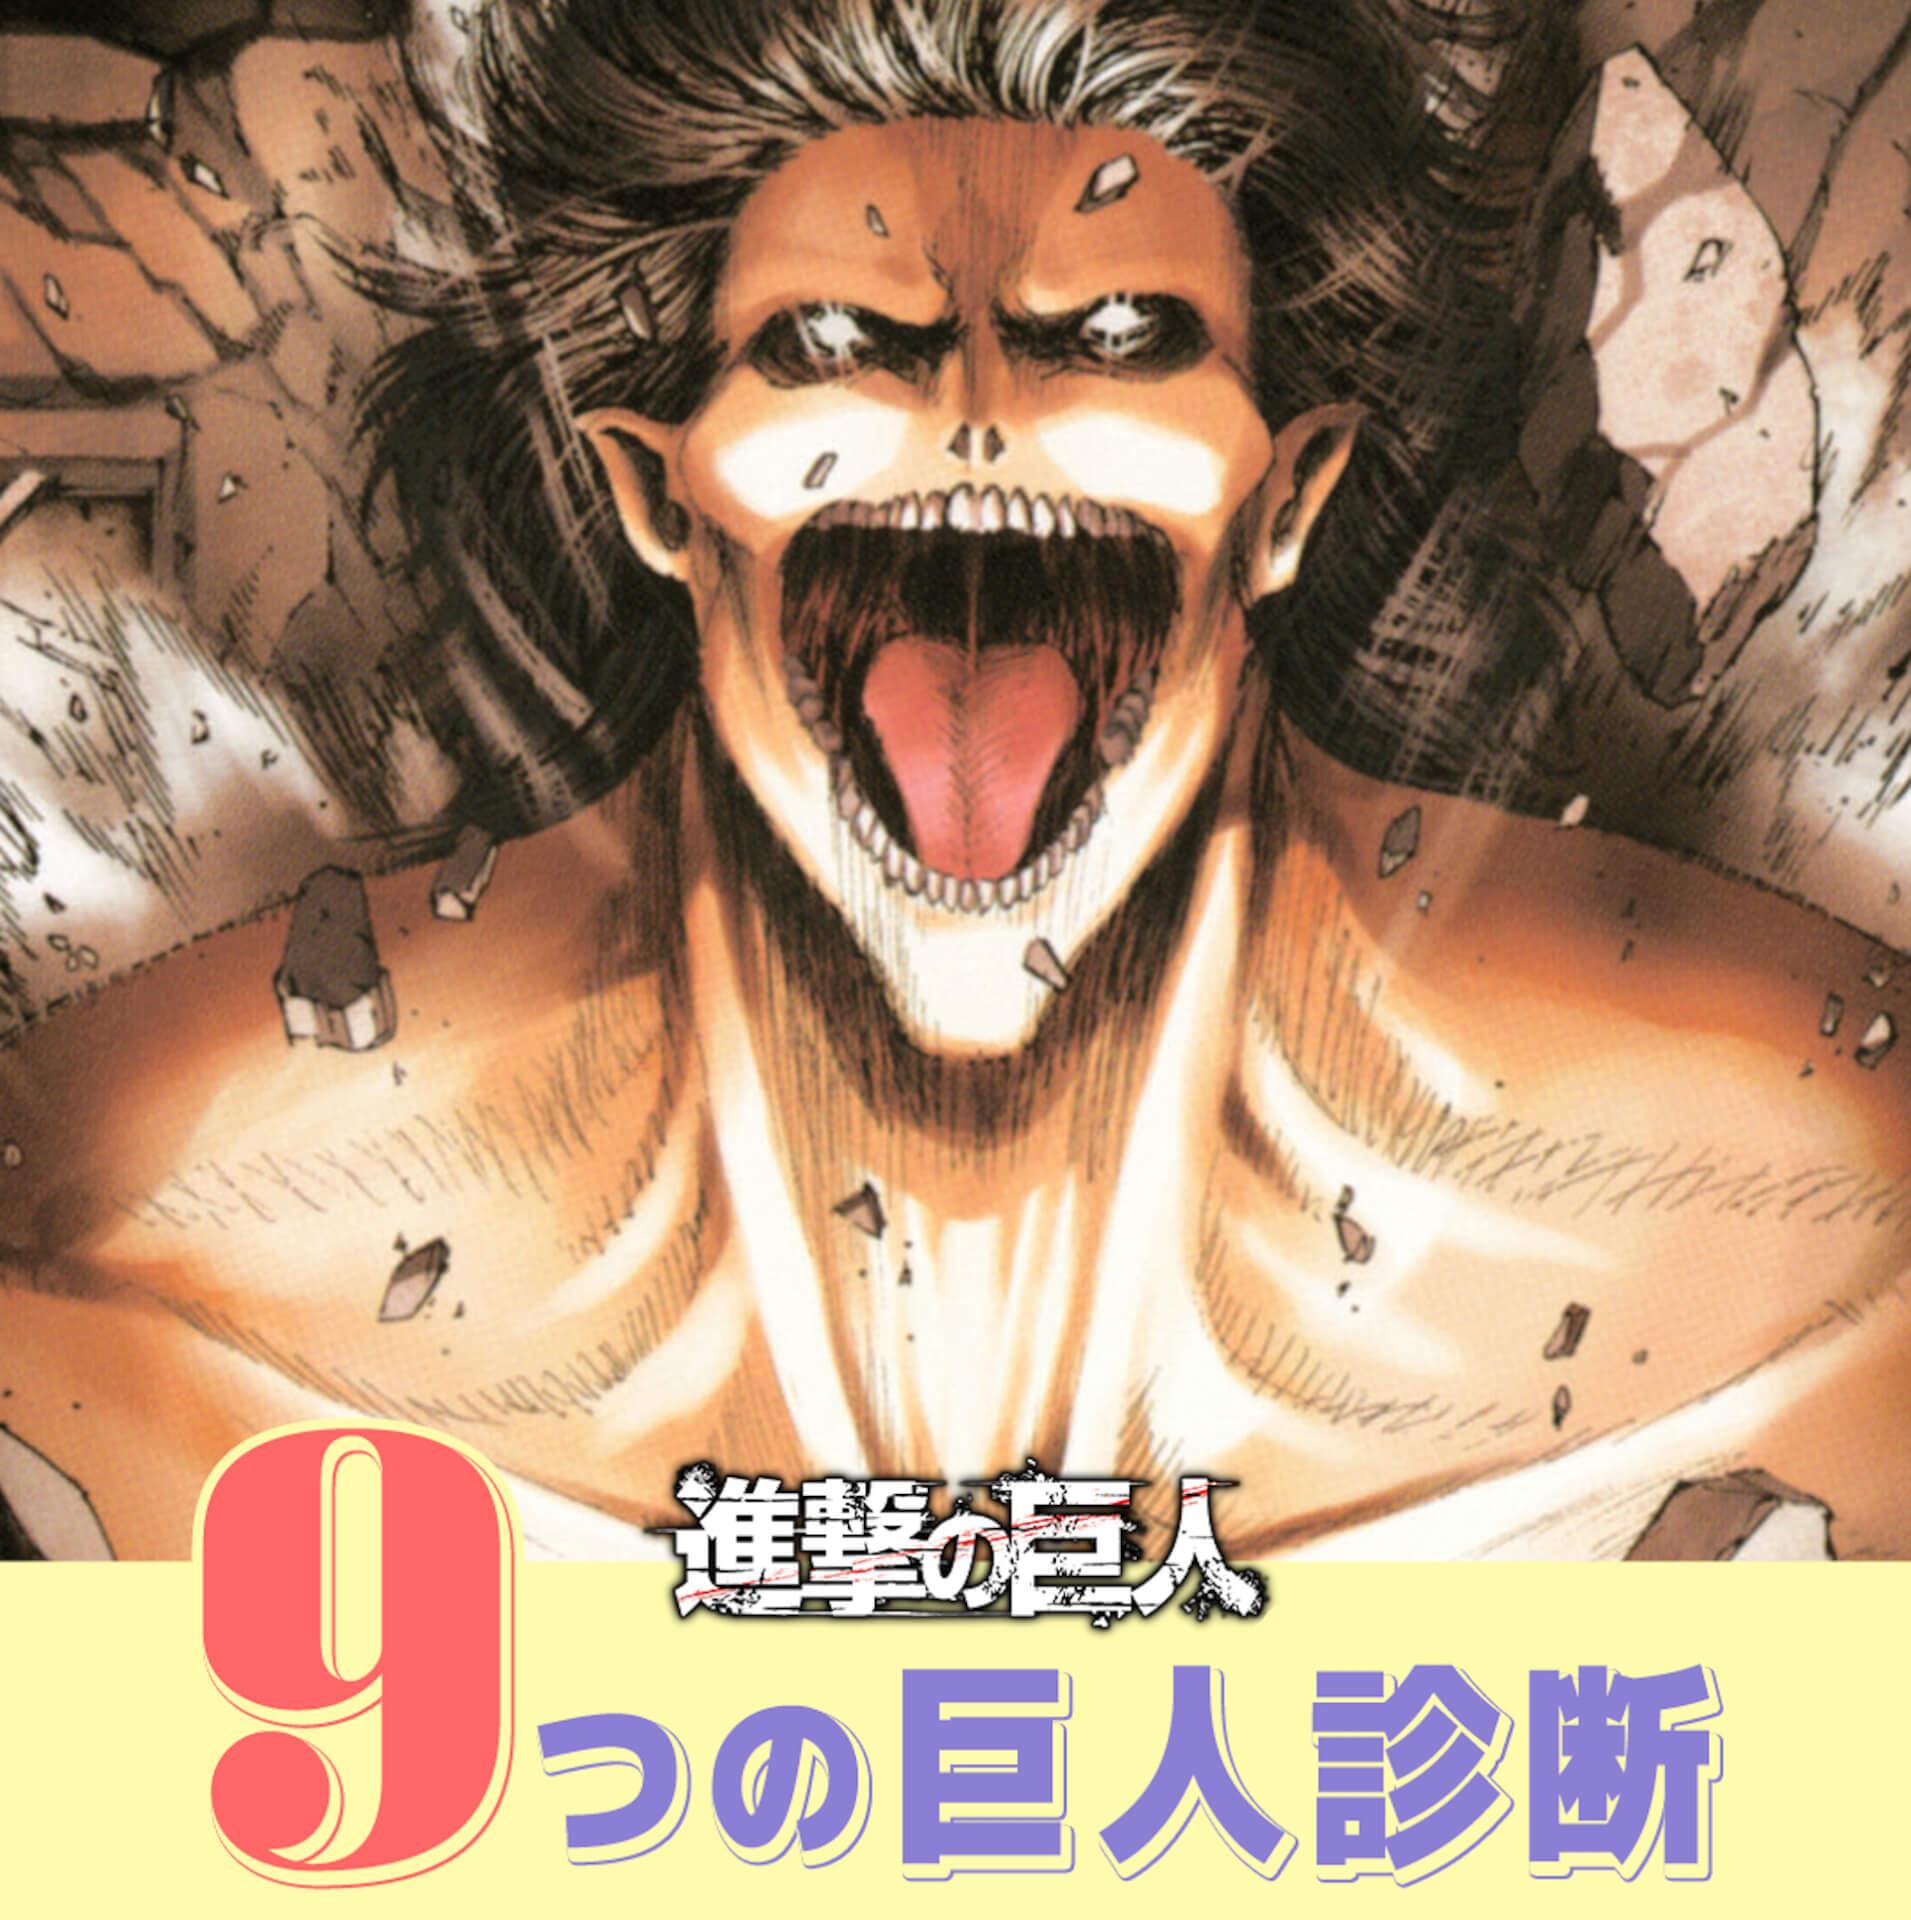 あなたは一体どの進撃の巨人キャラの性格?『進撃の巨人』×NET ViViスペシャル特集で『進撃の巨人占い』など公開! art191003_shingekinokyojin_vivi_1